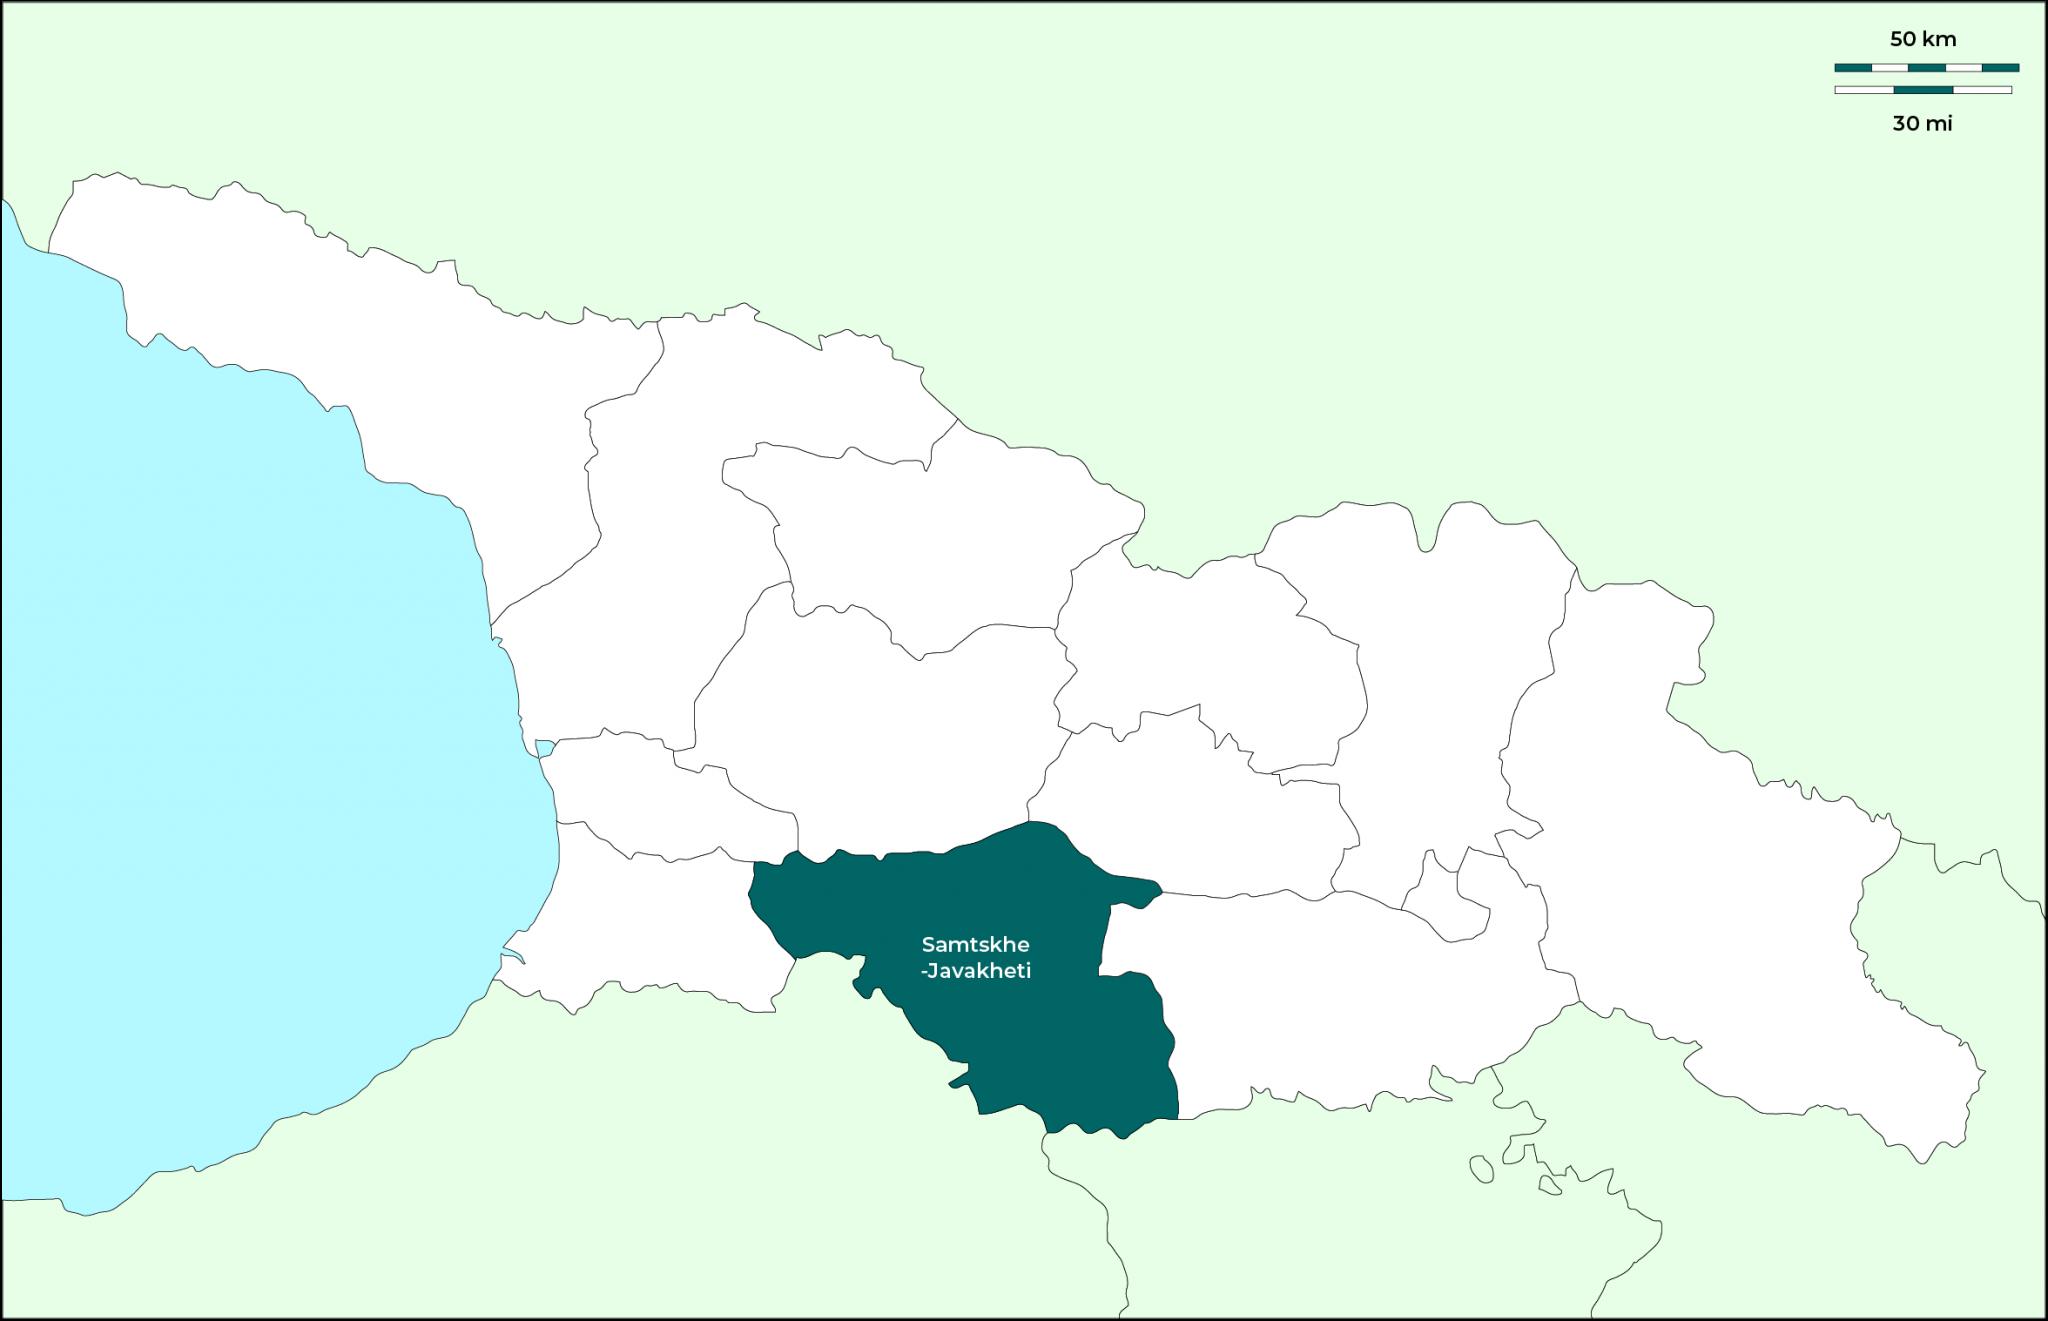 Región de Samtskhe-Javakheti: Mapa